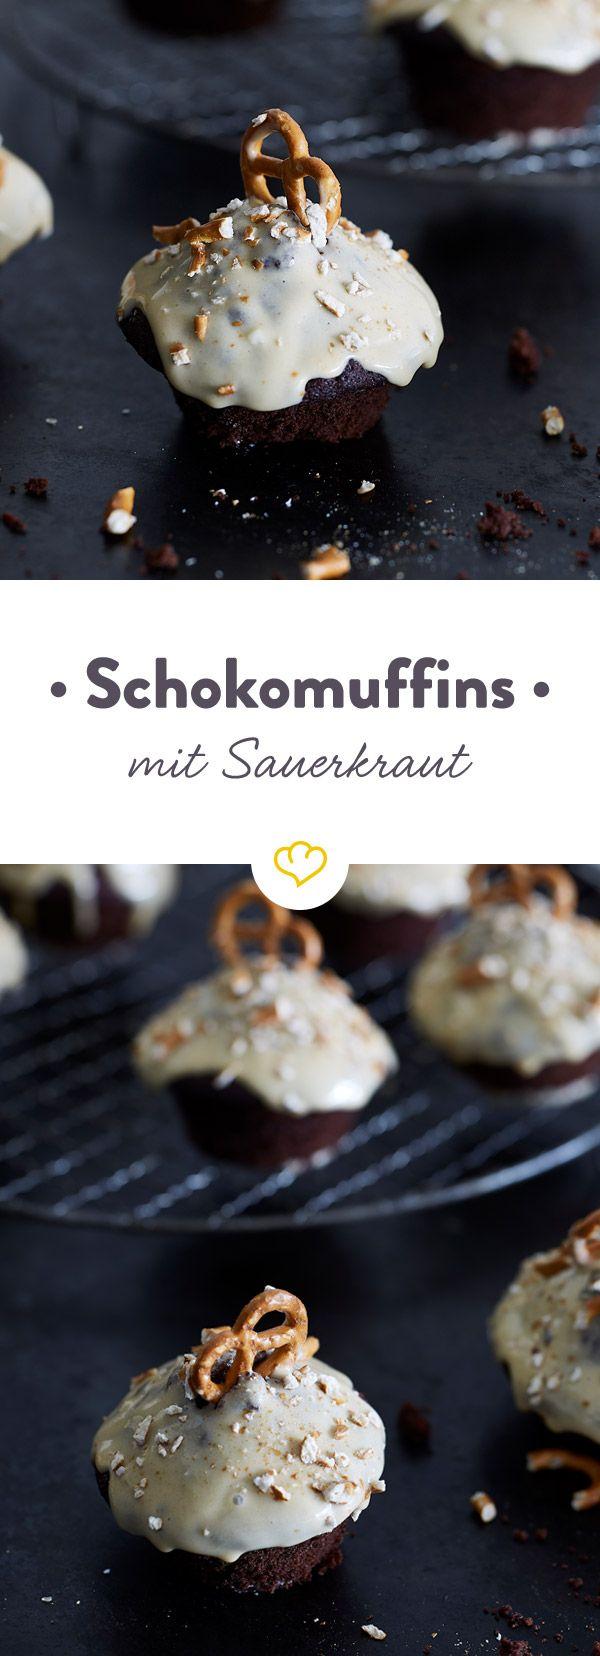 Die Geheimzutat für saftige Schokomuffins? Sauerkraut! Mit Salzkaramell-Glasur und Mini-Brezeln bringen die süßen Muffins dich in Oktoberfest-Stimmung.